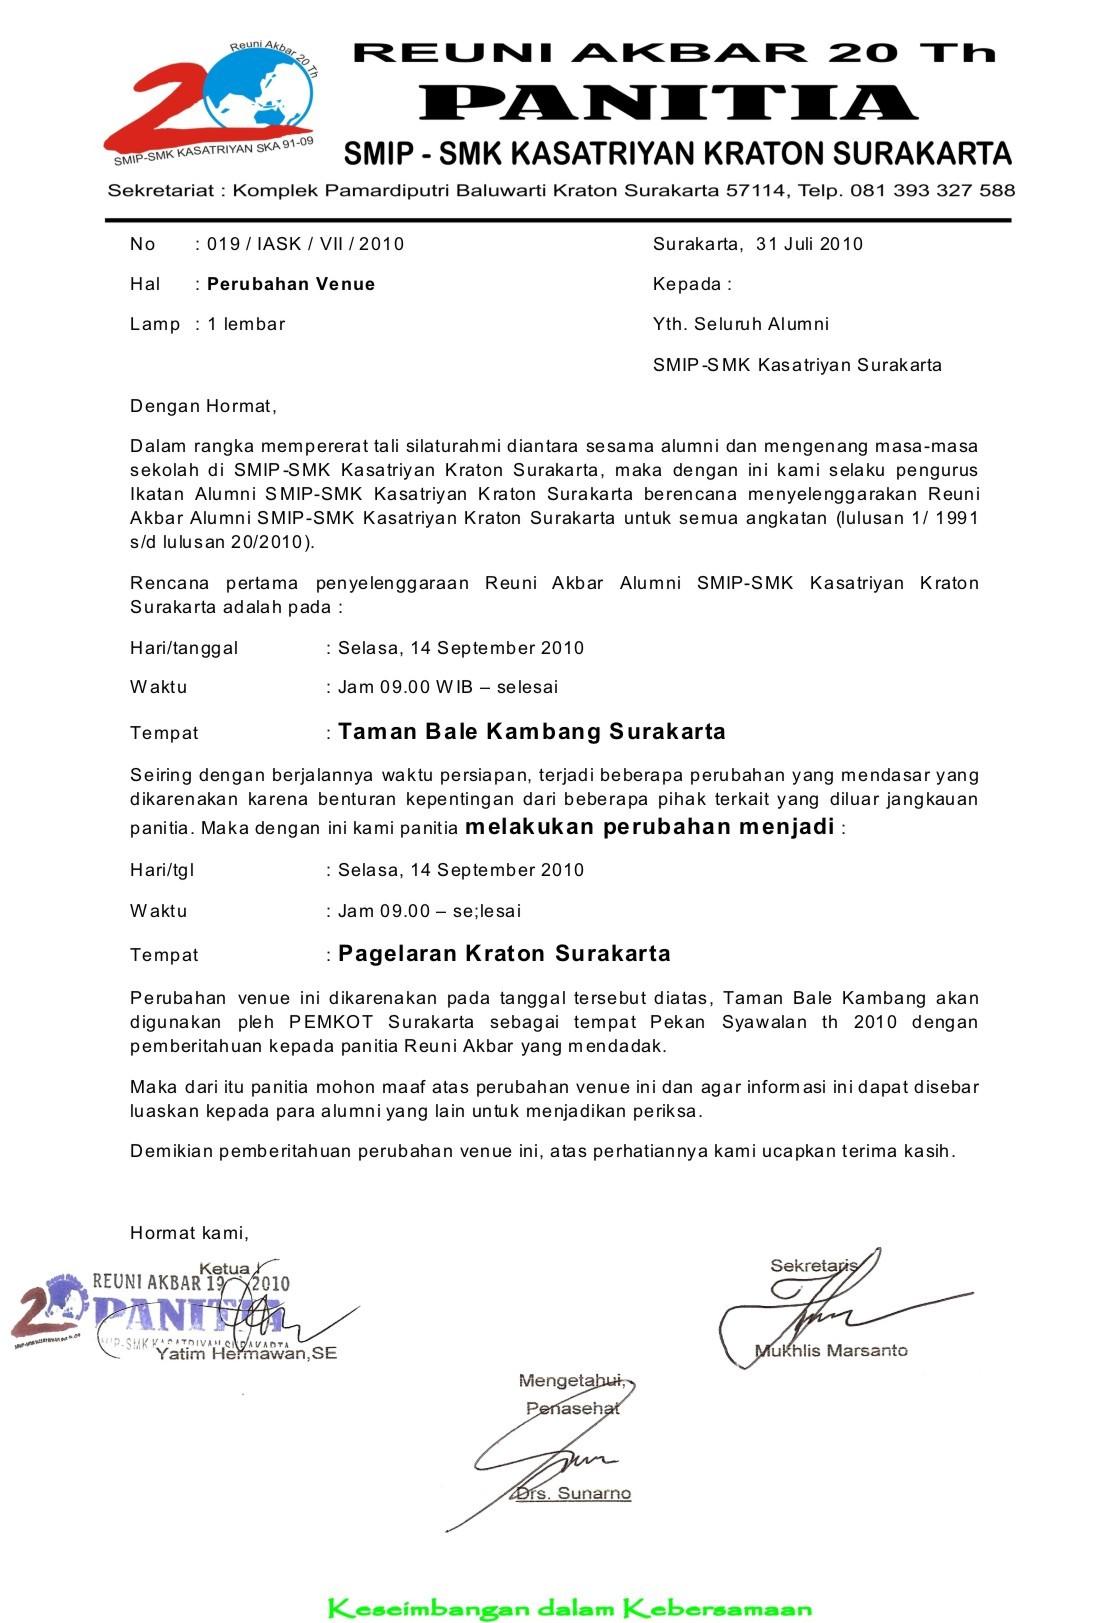 Catatan Alumni Smip Kasatriyan Surakarta Luahan Kerinduan Kepada